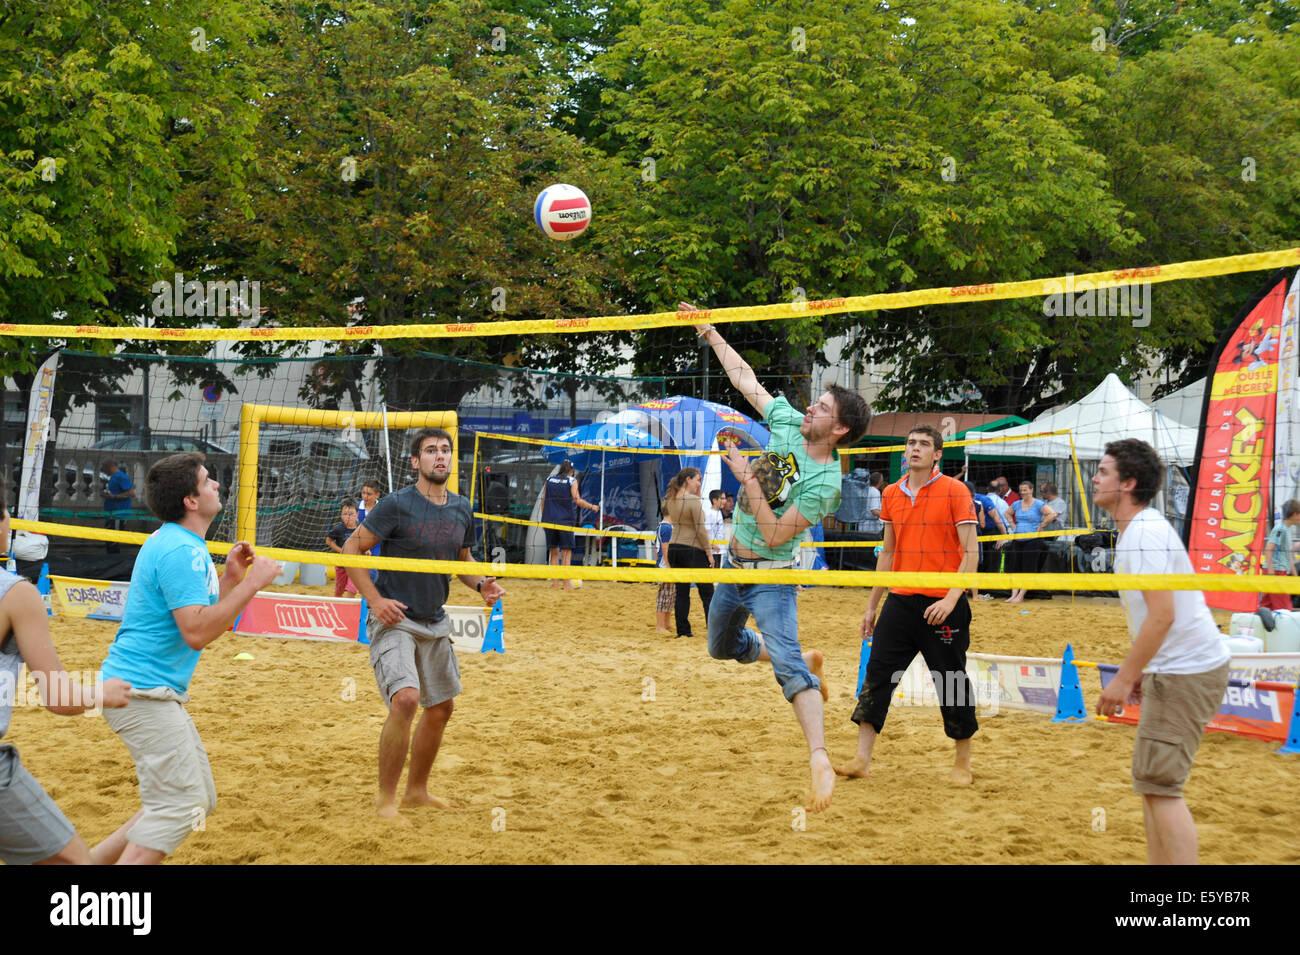 Mens baloncesto coinciden en el festival de juegos Flip en Parthenay Deux-Sevres Francia Imagen De Stock